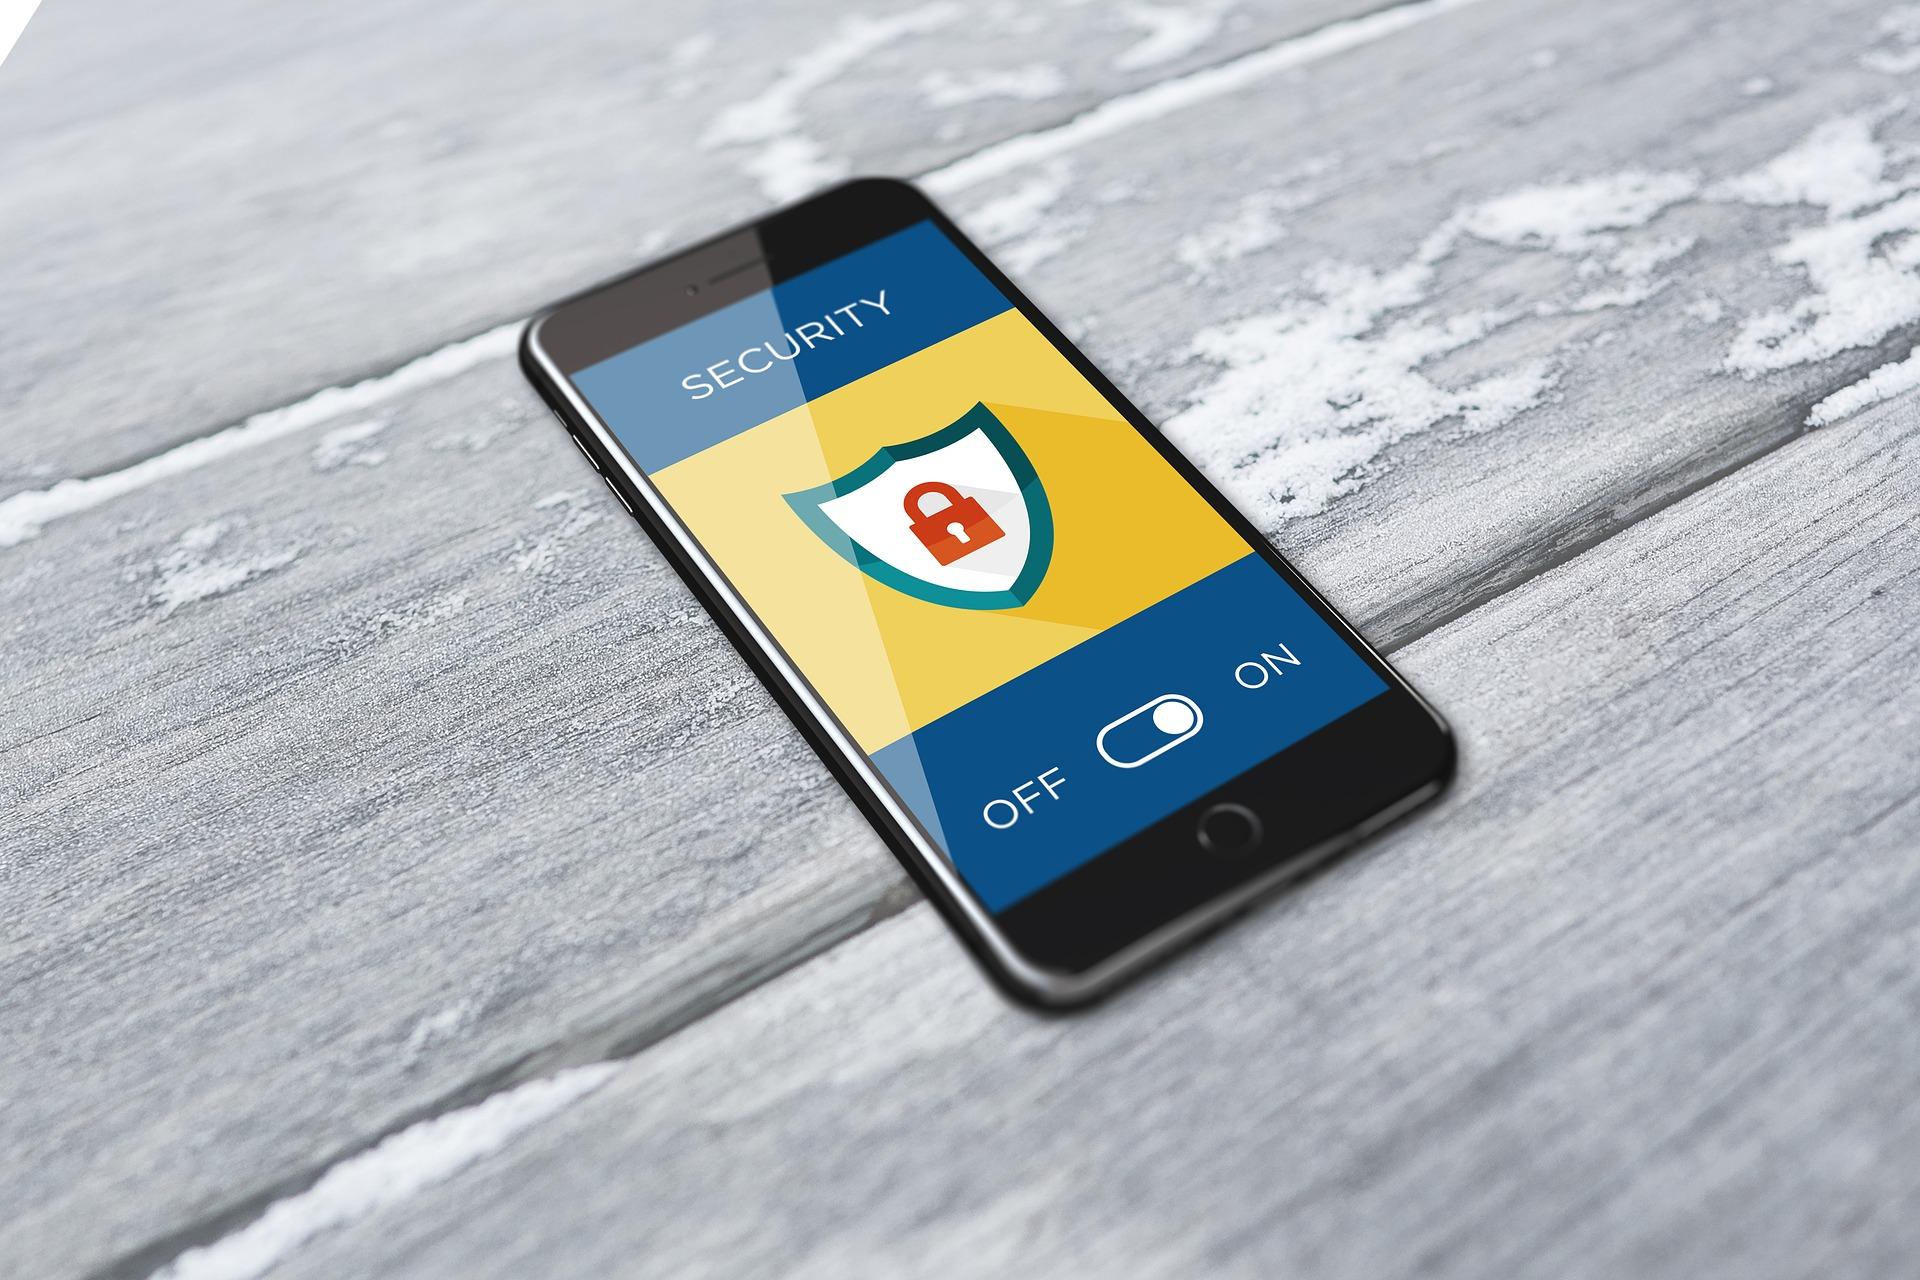 Cara memblokir aplikasi untuk menghindari penggunaan di Android 1